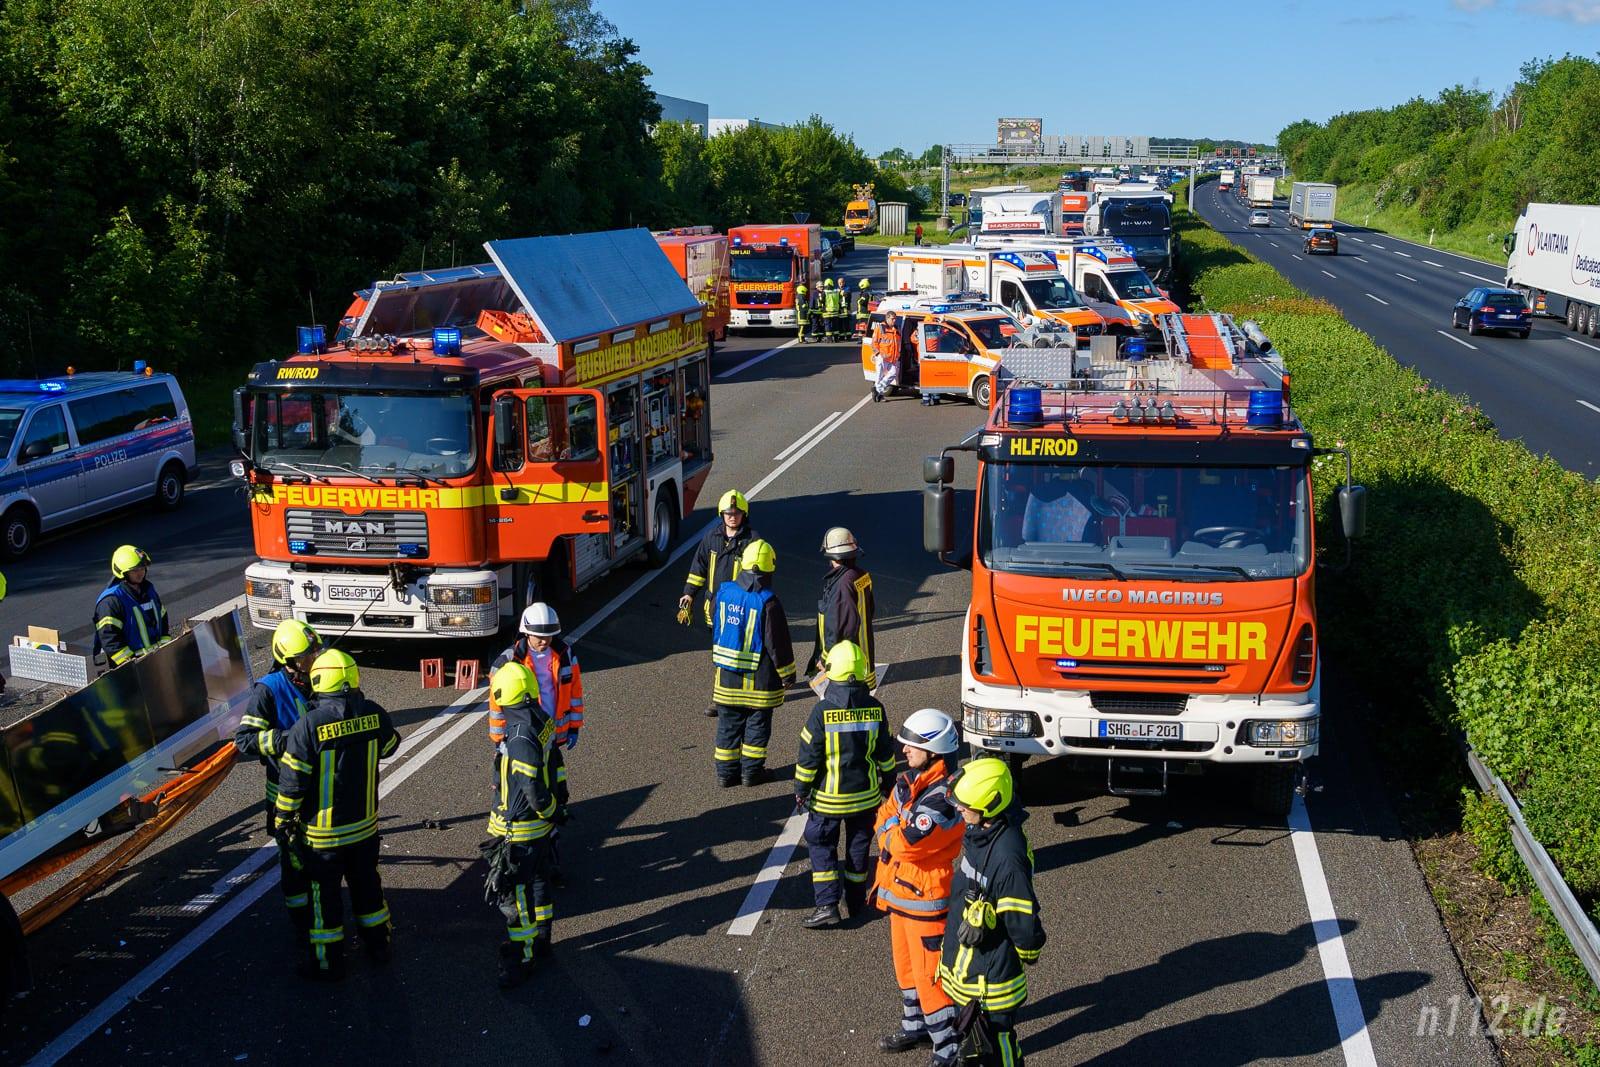 Nötig, aber kostspielig: Rüstwagen, wie links im Bild, sind teuer und müssen für schwere LKW-Unfälle in der Nähe von Autobahnen bereitstehen (Foto: n112.de/Stefan Simonsen)